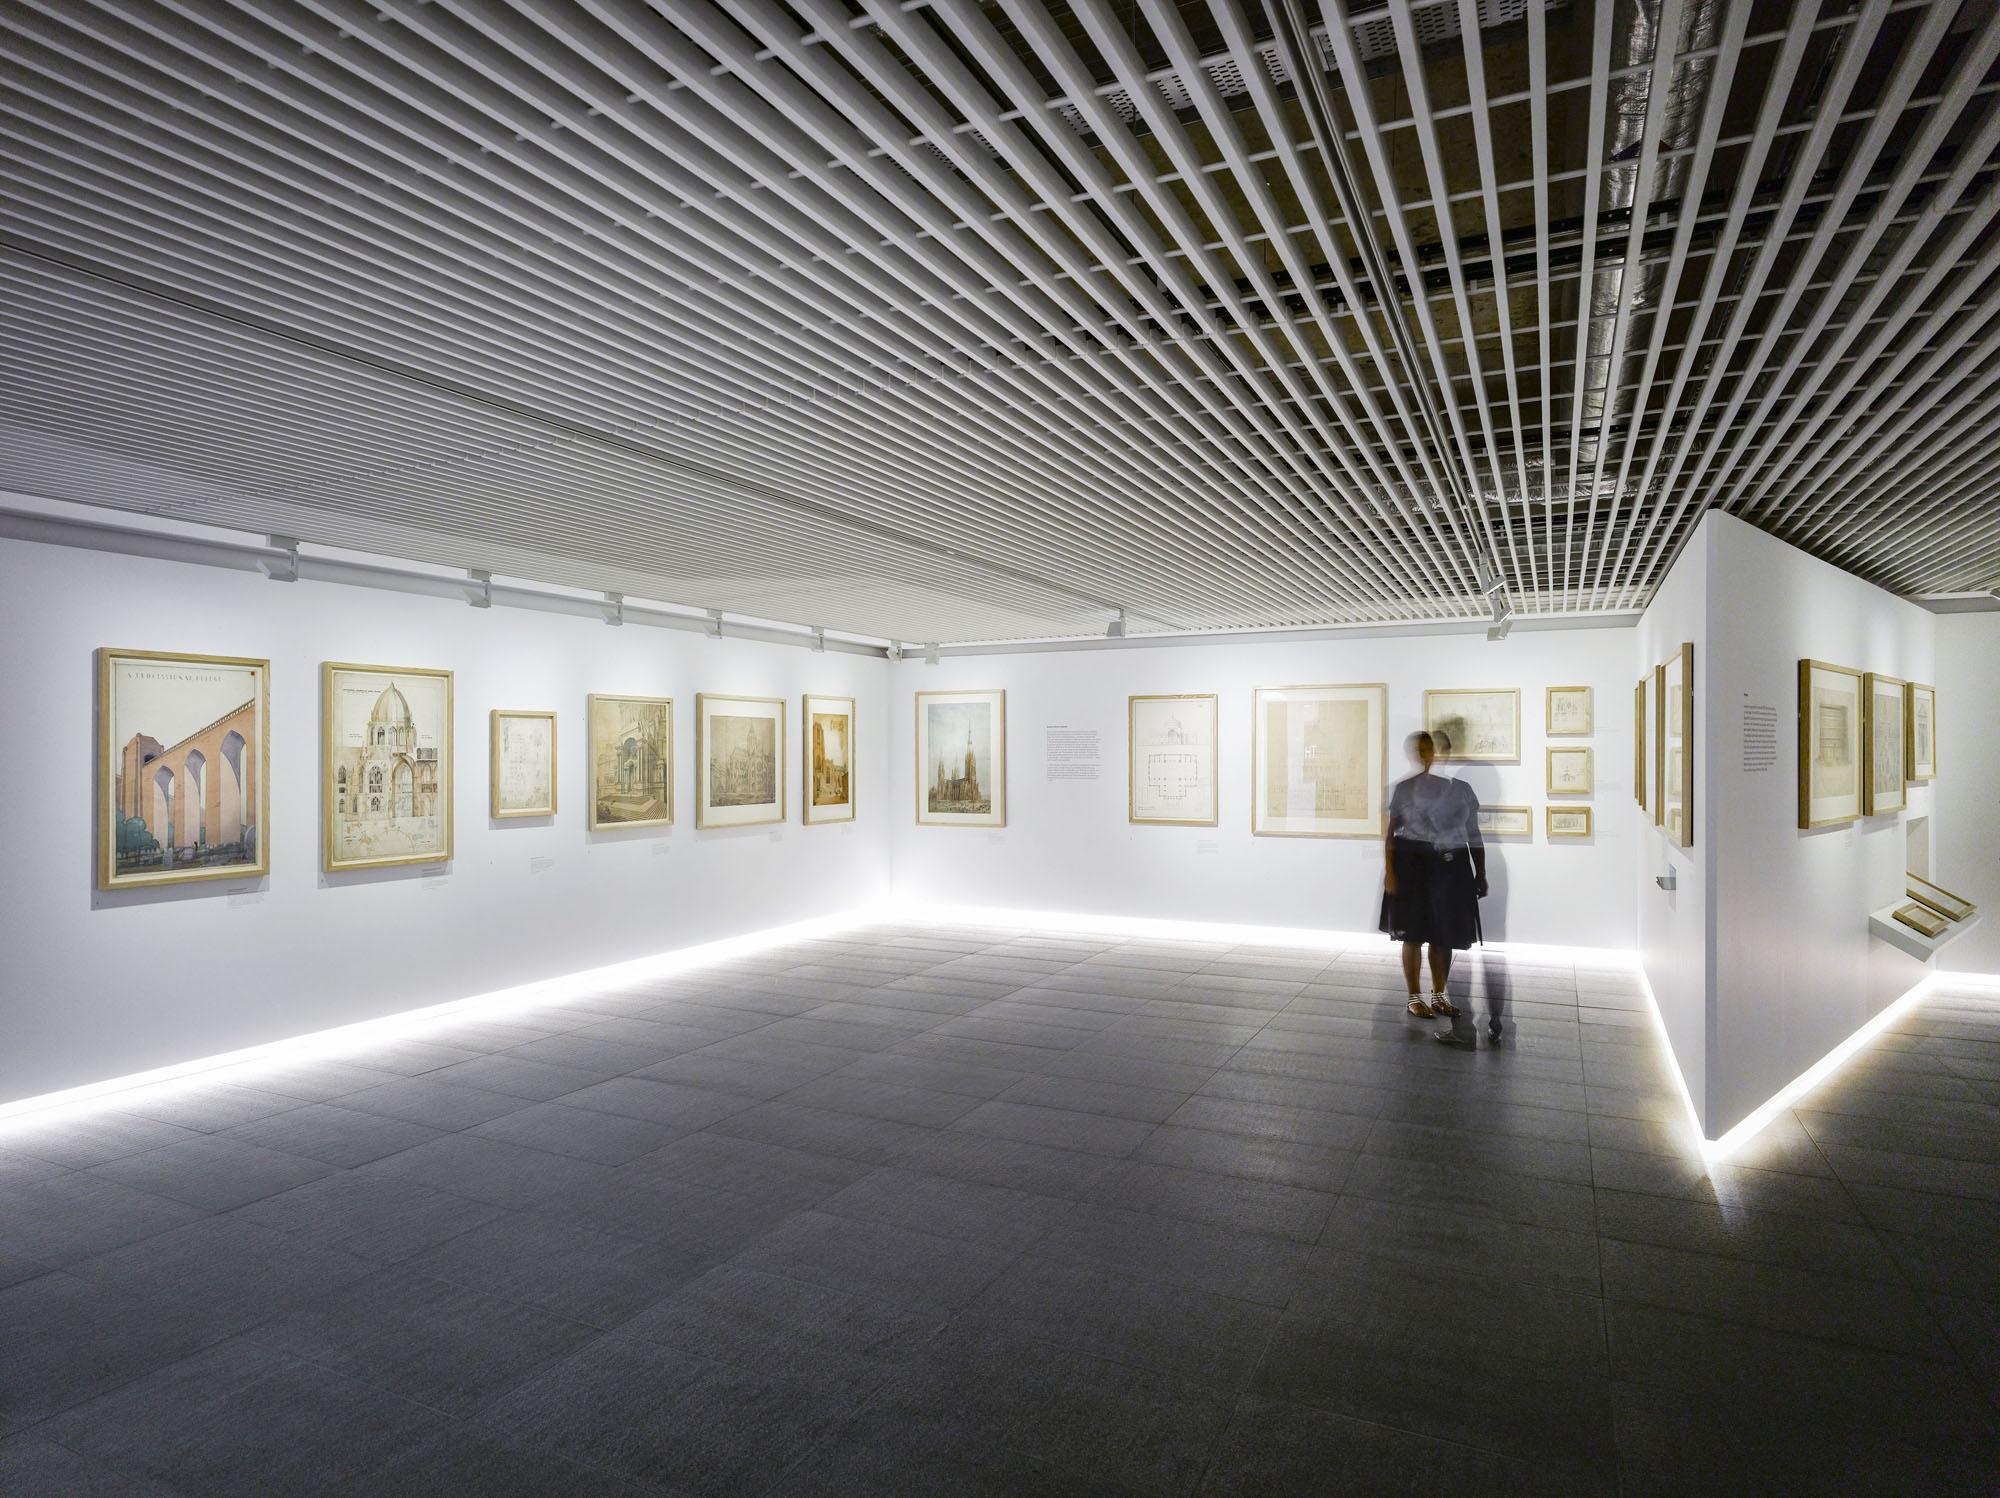 RIBA north architecture centre Liverpool event space